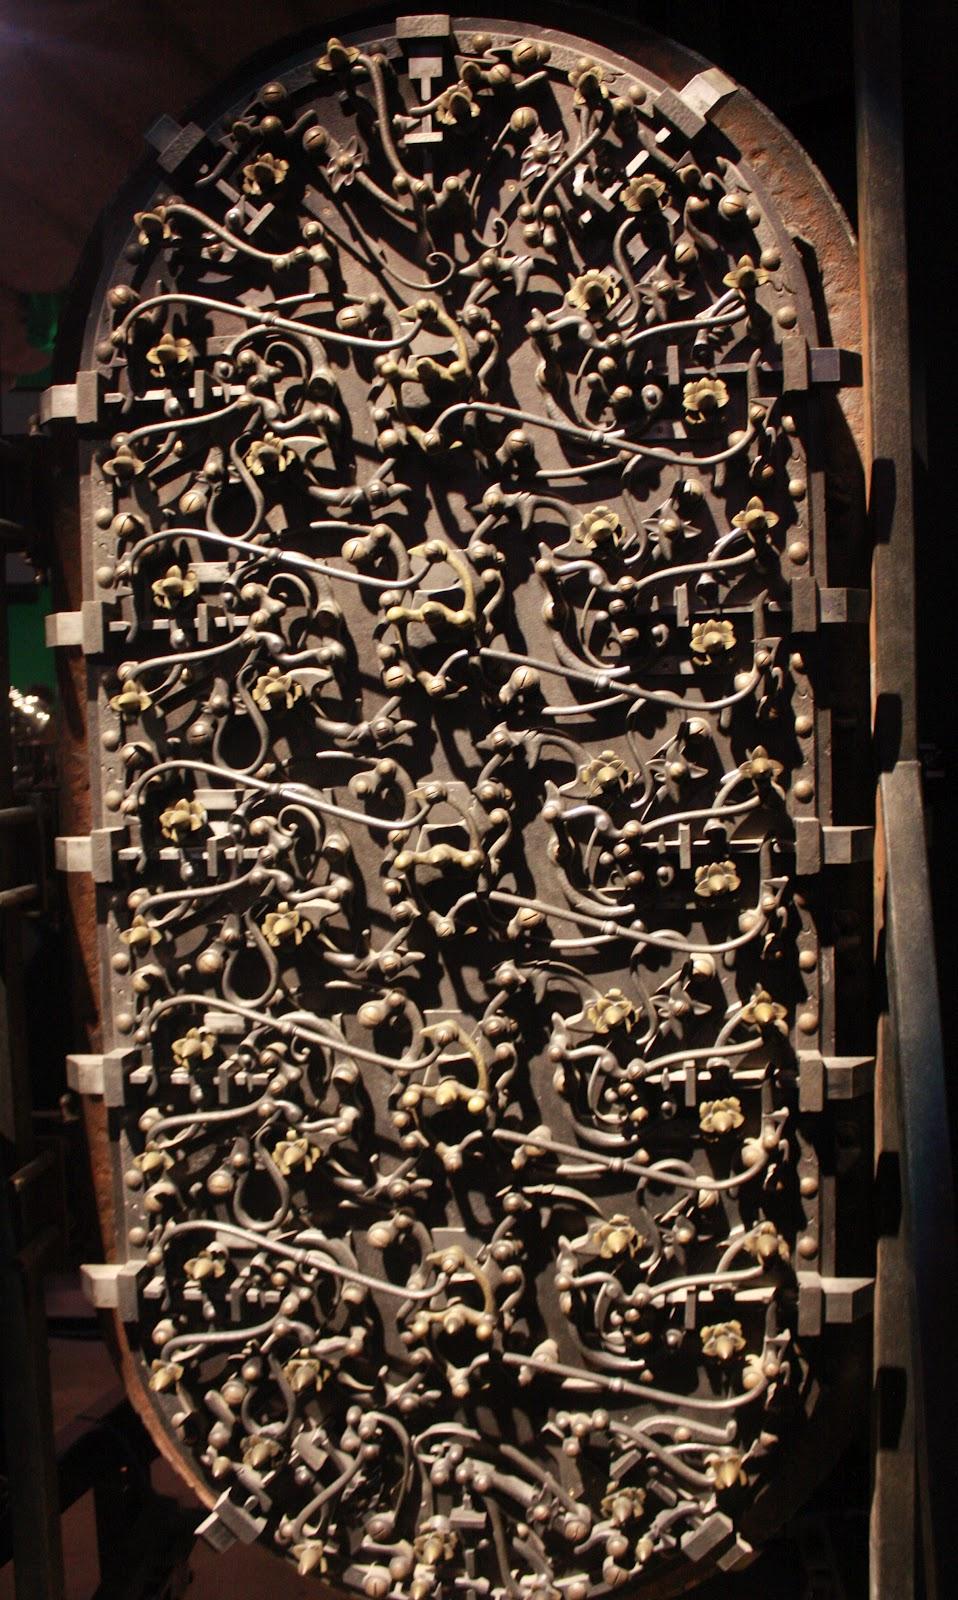 Detail on door of Gringotts\u0027 bank vault  sc 1 st  My week in pictures & My week in pictures: Harry Potter (Part One)